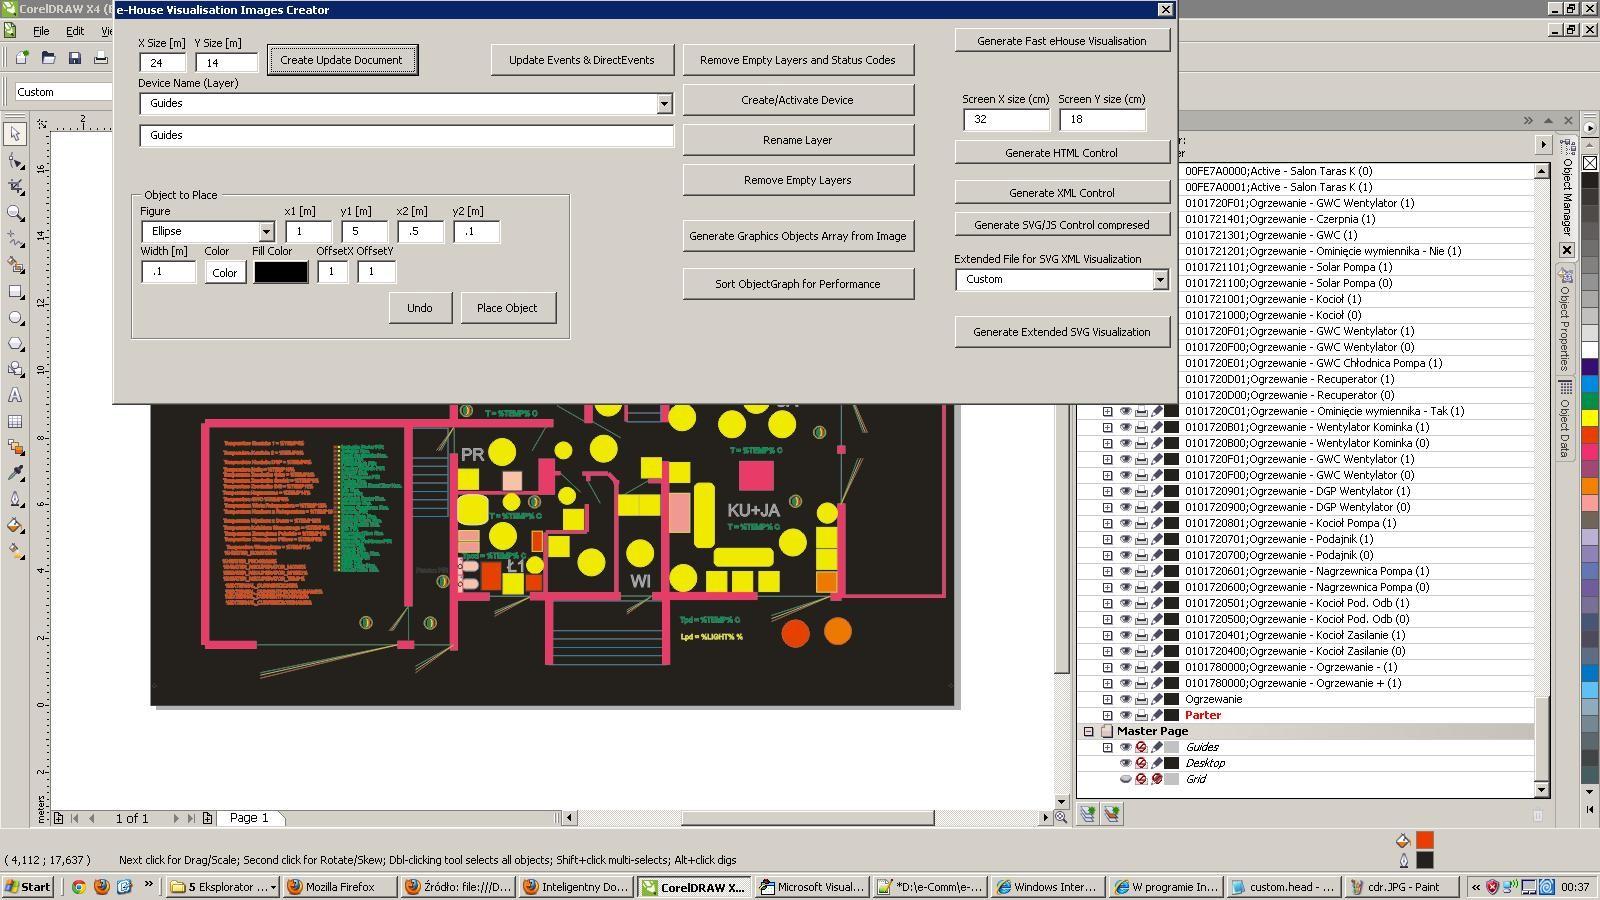 Inteligentny Dom eHouse Tworzenie wizualizacji w aplikacji CorelDraw